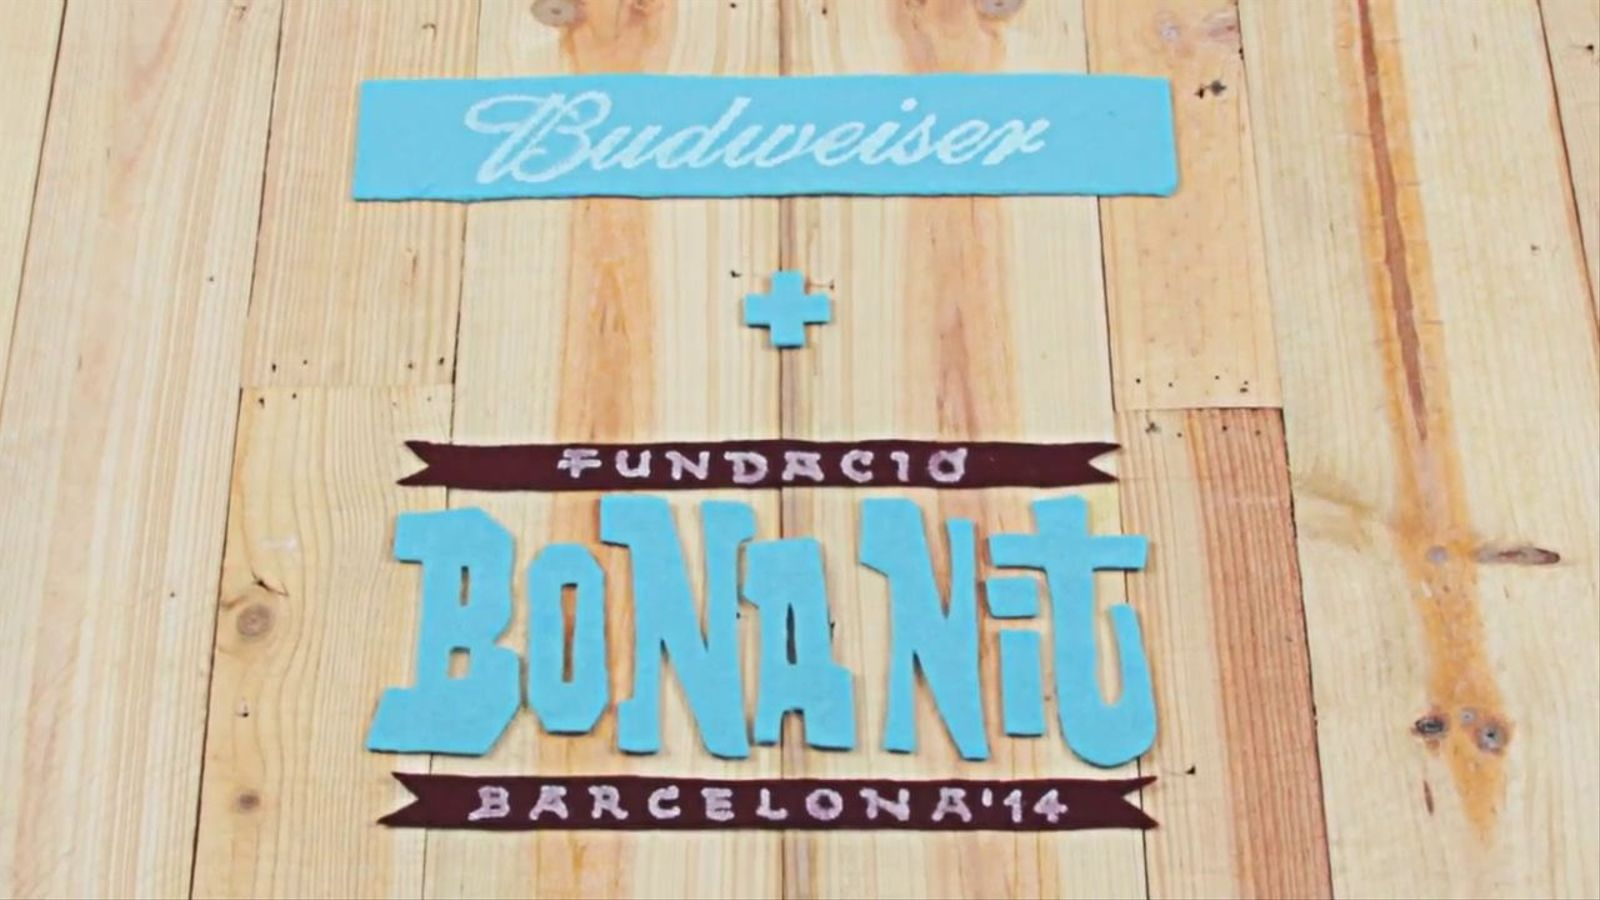 Spot Bona Nit Barcelona 2014